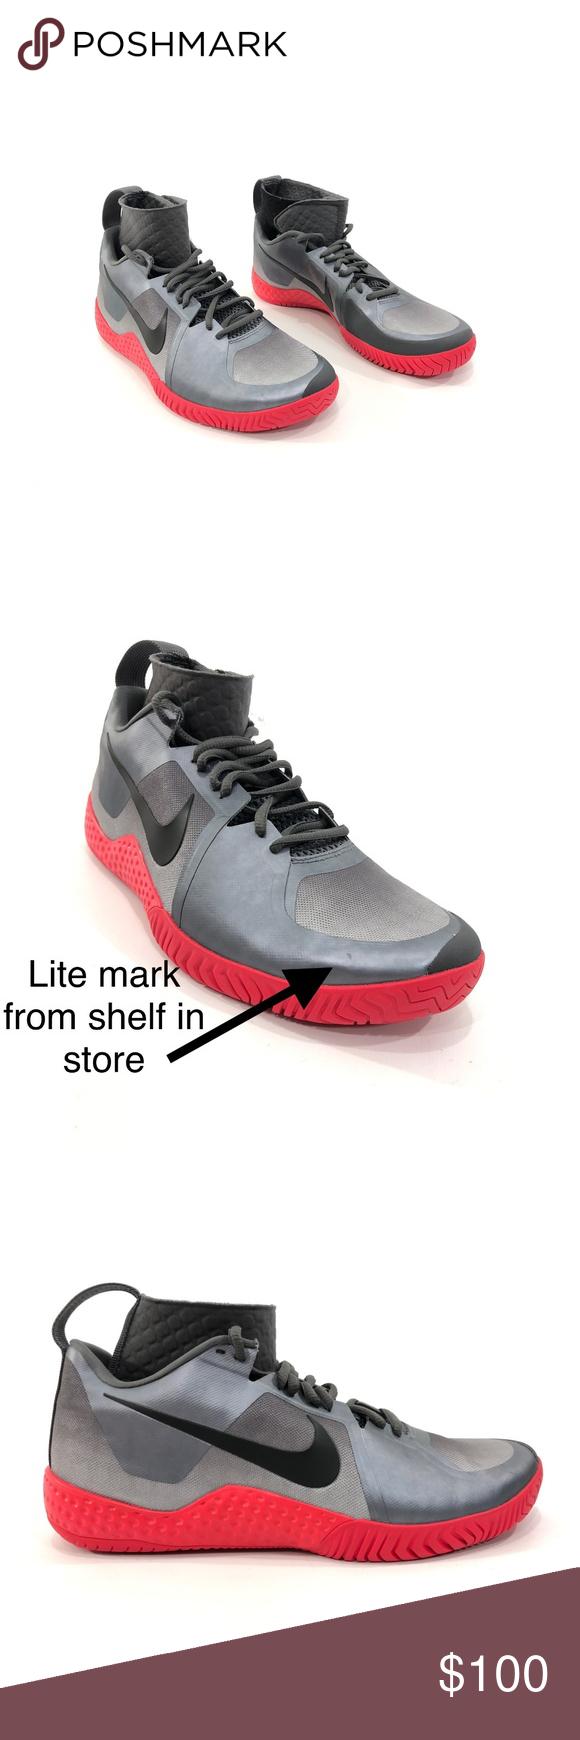 Nike Air Court Flare Women S Serena Williams Shoes Serena Williams Shoes Womens Tennis Shoes Nike Air